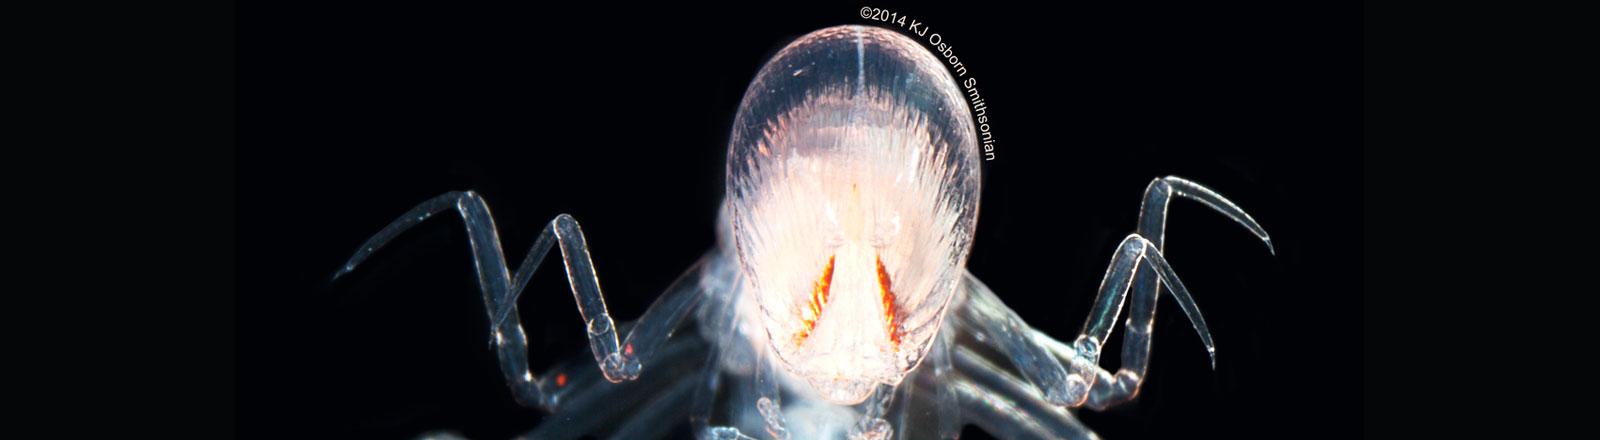 Der Flohkrebs Paraphronima gracilis mit den beiden orangefarbenen Netzhautreihen im Vergleich zur gesamten Kopfgröße